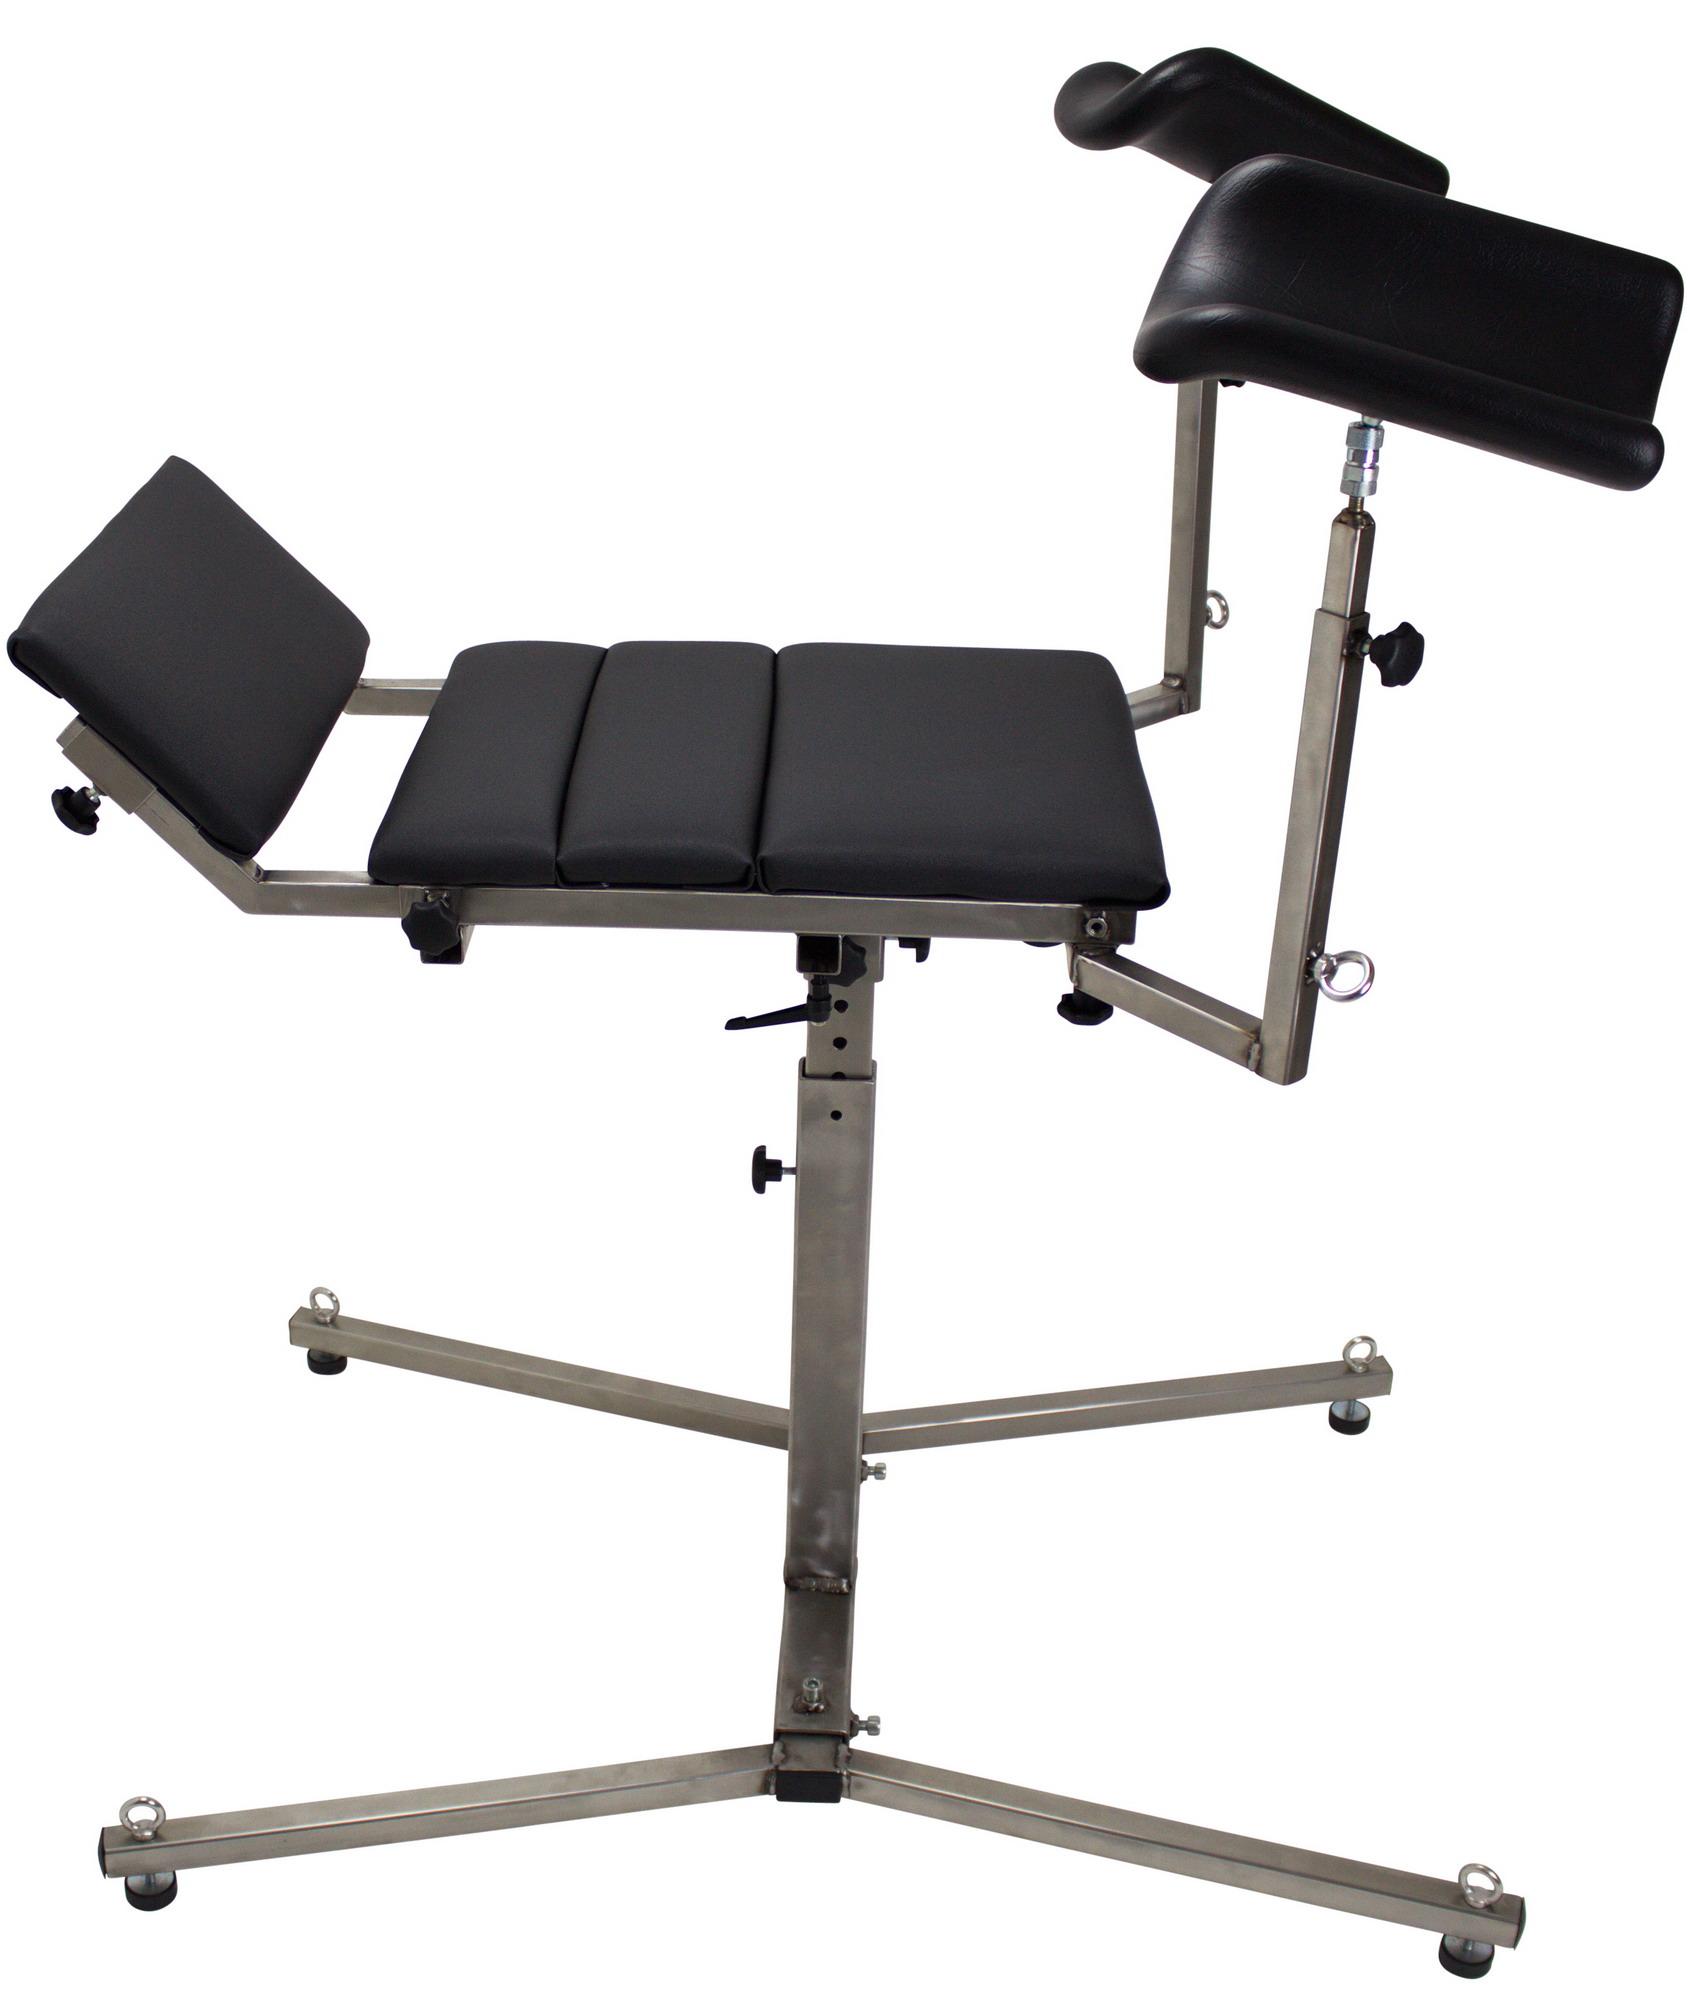 Möbel gebraucht bdsm Edle SM